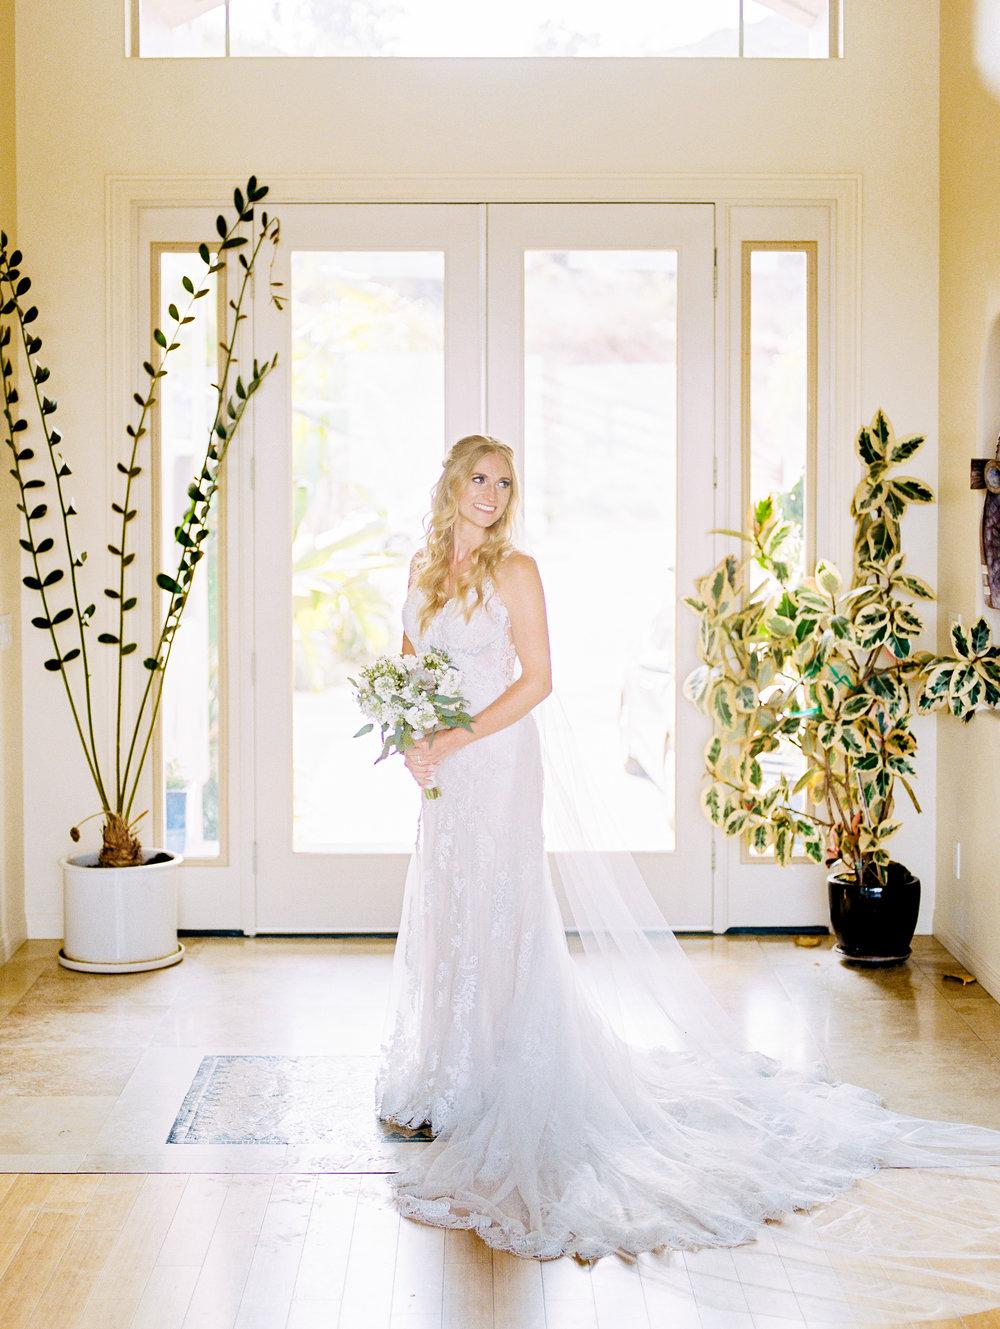 dennisroycoronel_ashleyanthony_vanessahudgens_austinbutler_wedding_losangeles_photographer-54.jpg